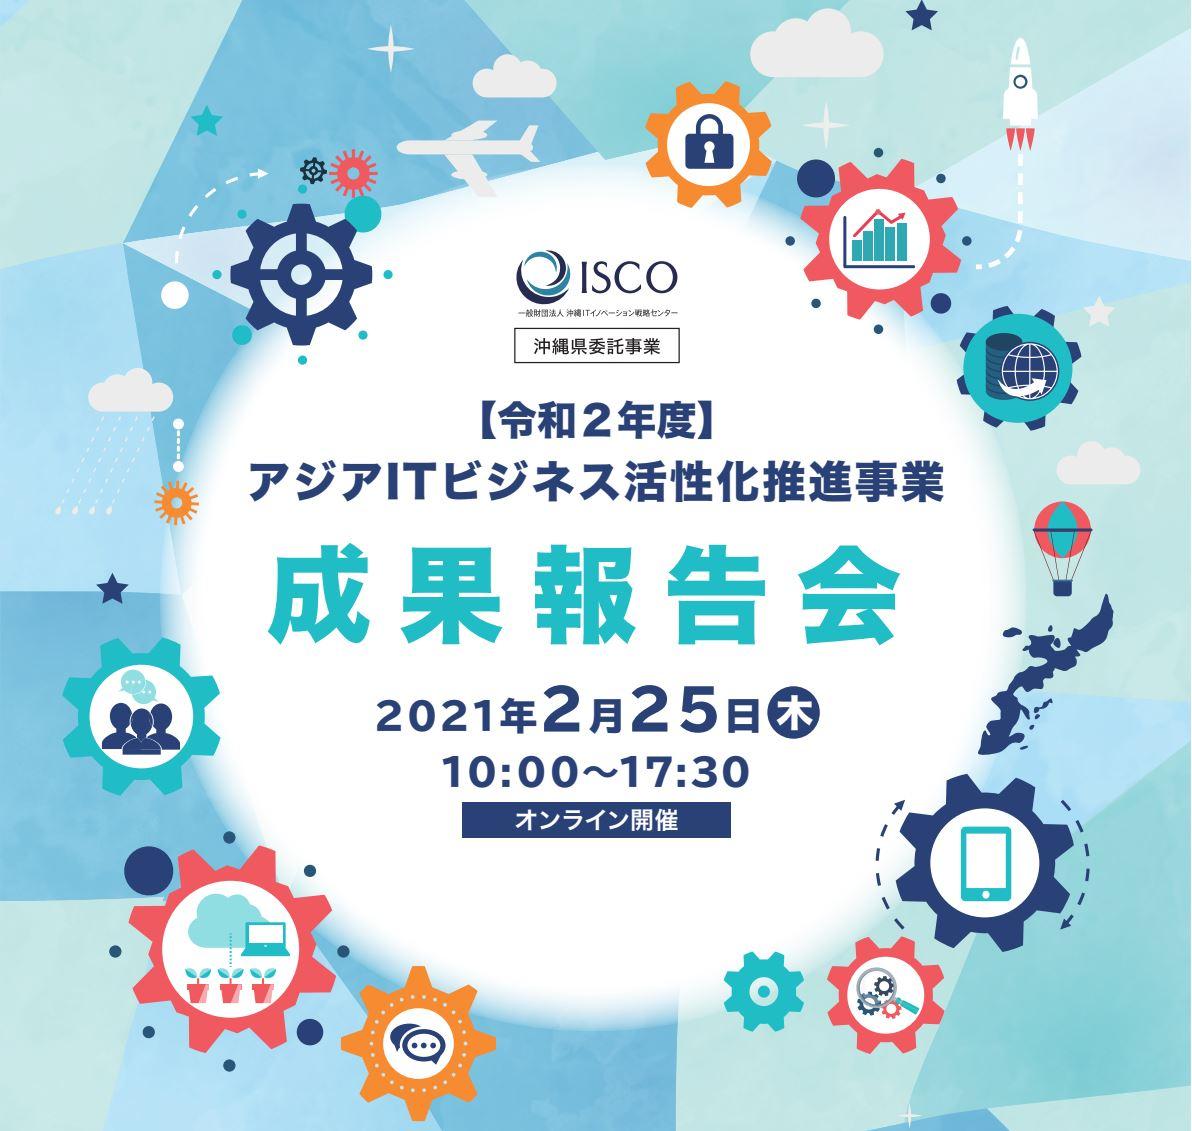 「令和2年度アジアITビジネス活性化推進事業」の成果報告会を開催いたしました(1/2)